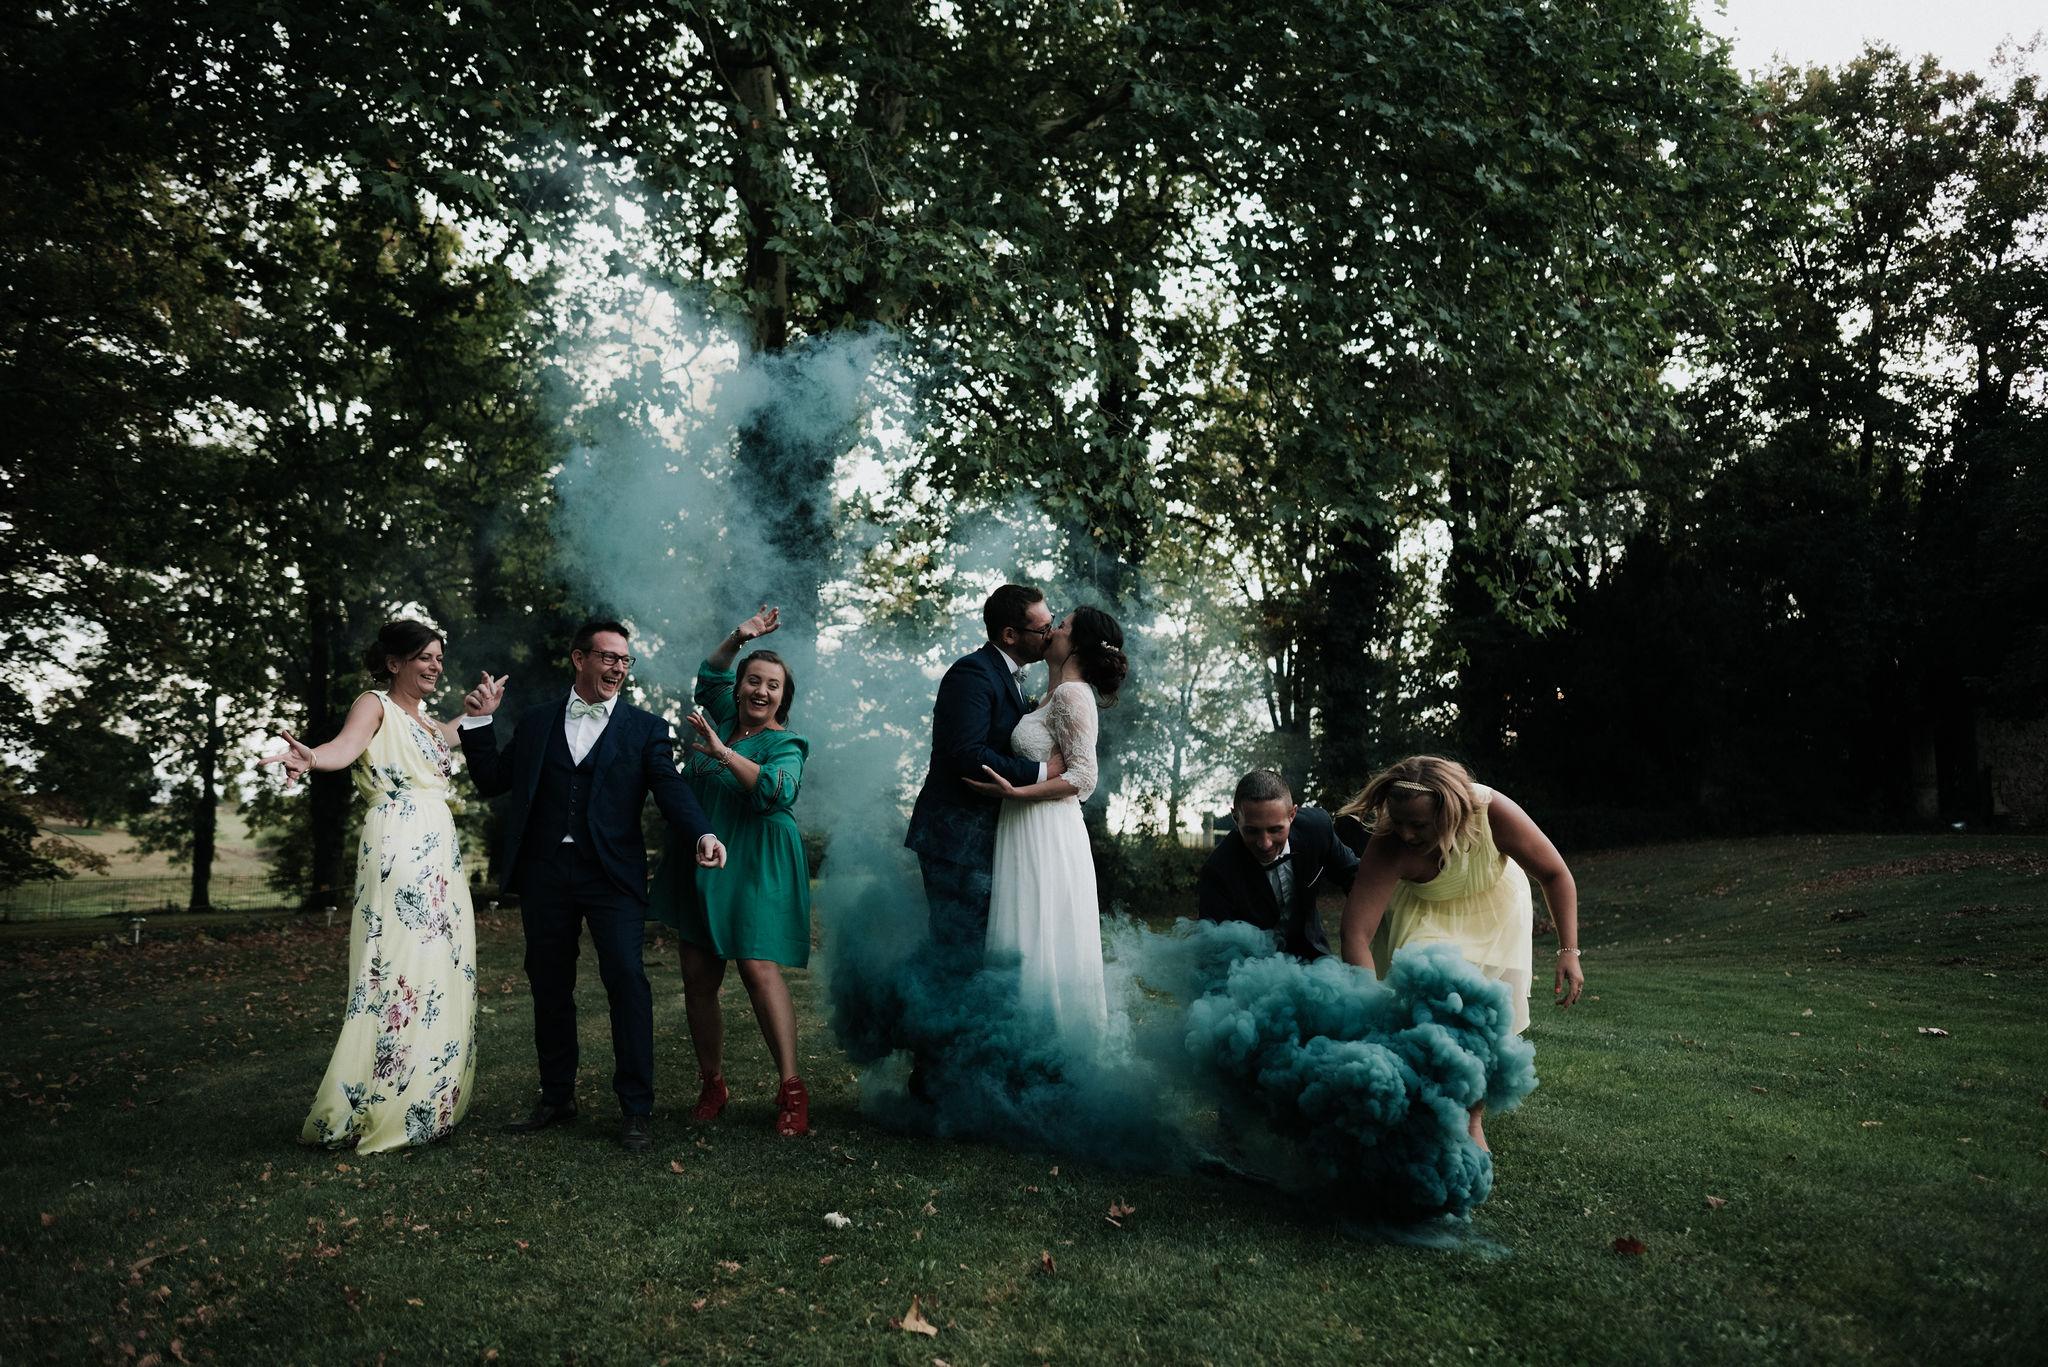 Léa-Fery-photographe-professionnel-lyon-rhone-alpes-portrait-creation-mariage-evenement-evenementiel-famille--151.jpg